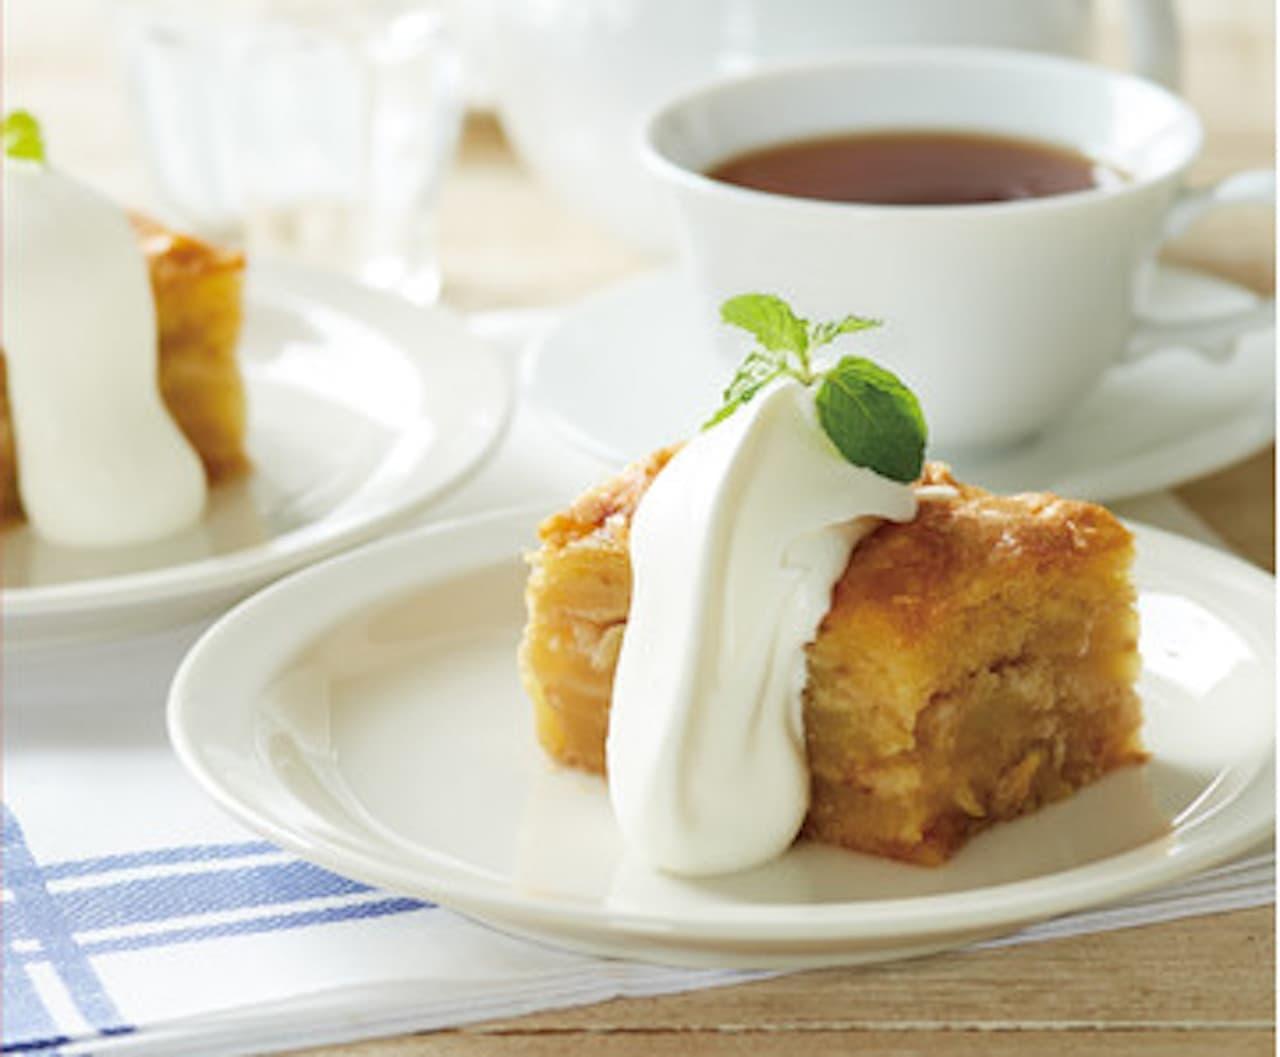 「モーニング アップルパイセット」Afternoon Tea(アフターヌーンティー)10店舗限定で